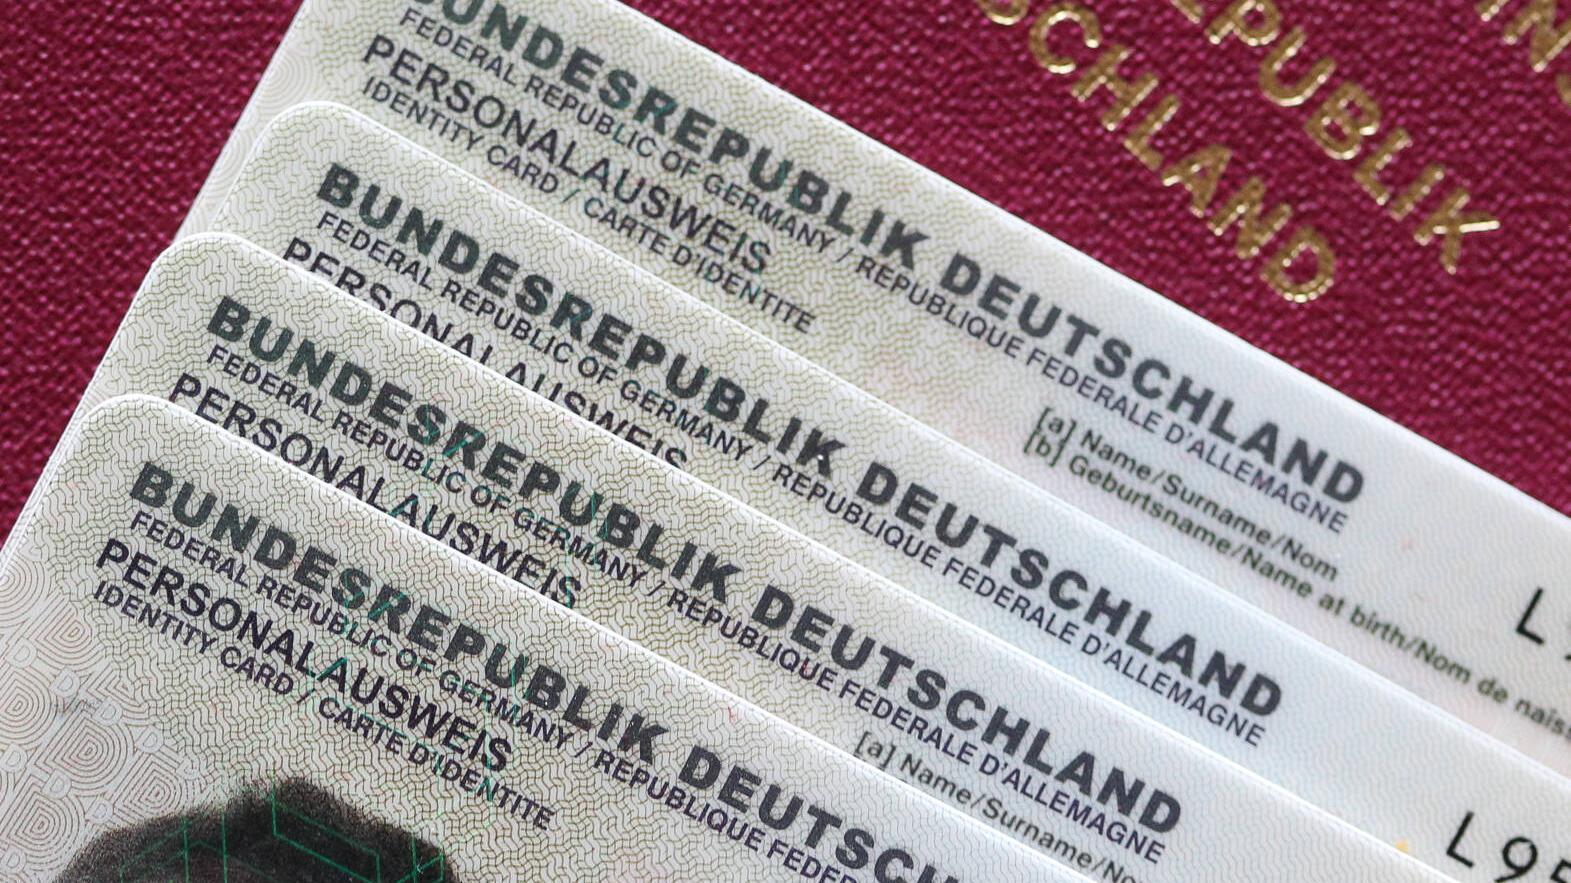 Reisepass statt Personalausweis nutzen: Das müssen Sie wissen